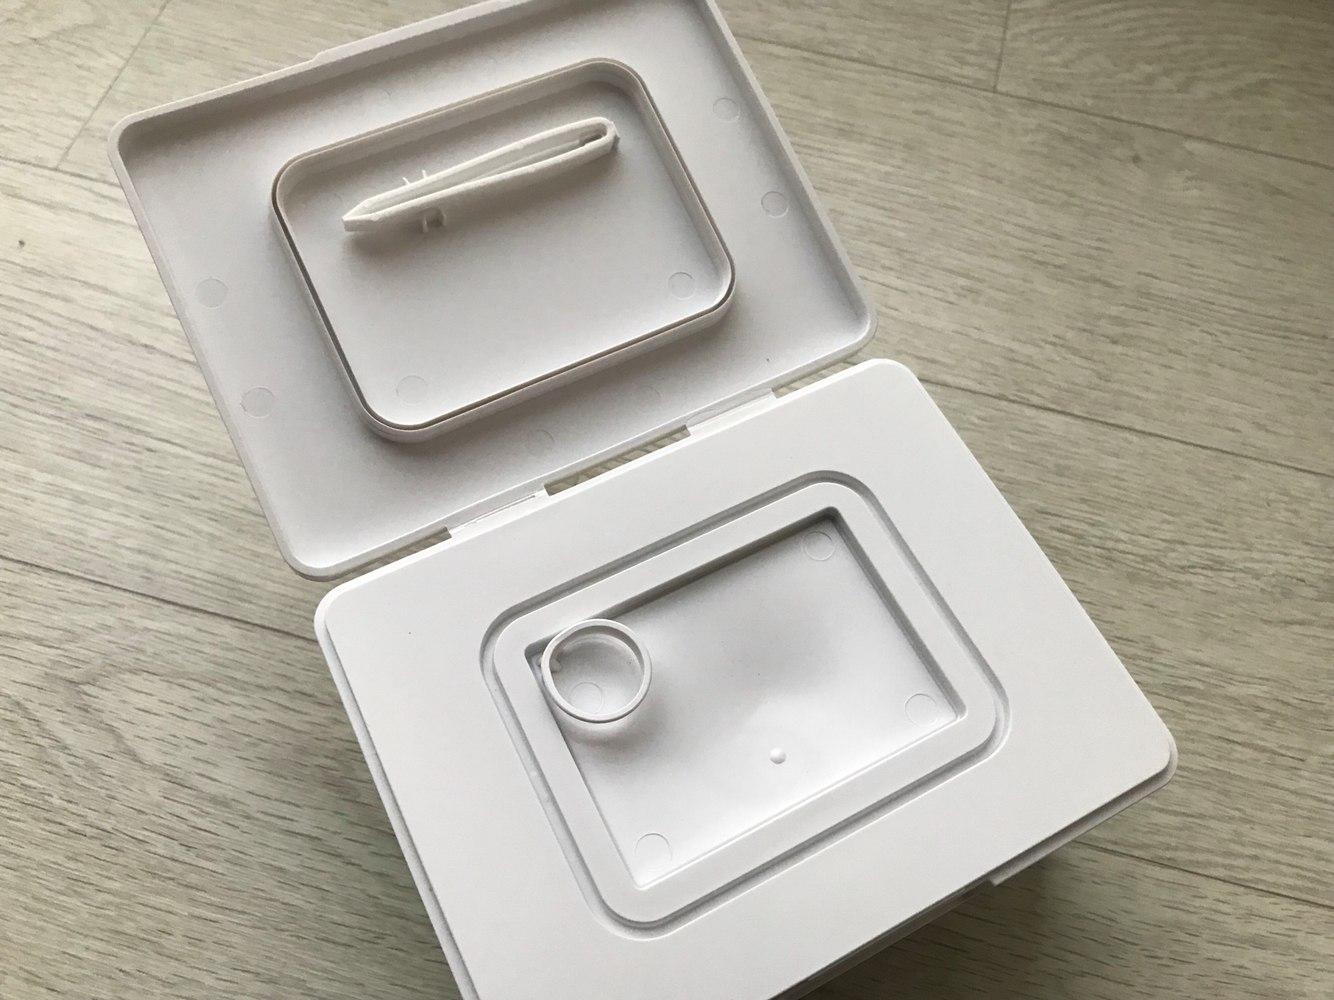 有點像濕紙巾的小盒子包裝,蓋上還附有小鑷子與放鑷子的位置,非常貼心~